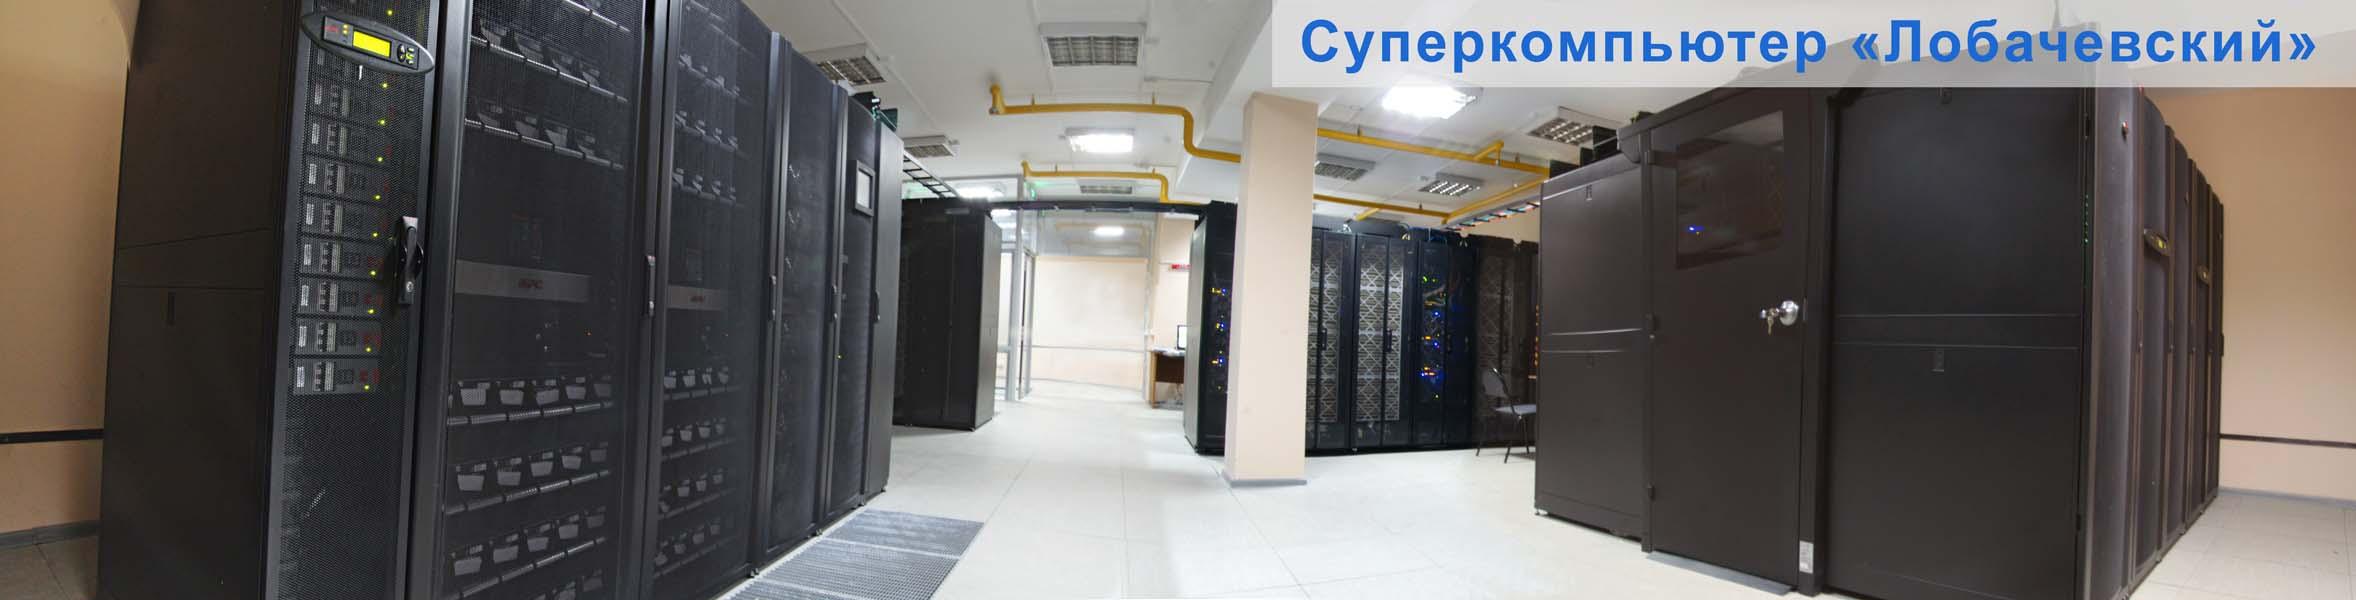 """Суперкомпьютер """"Лобачевский"""""""